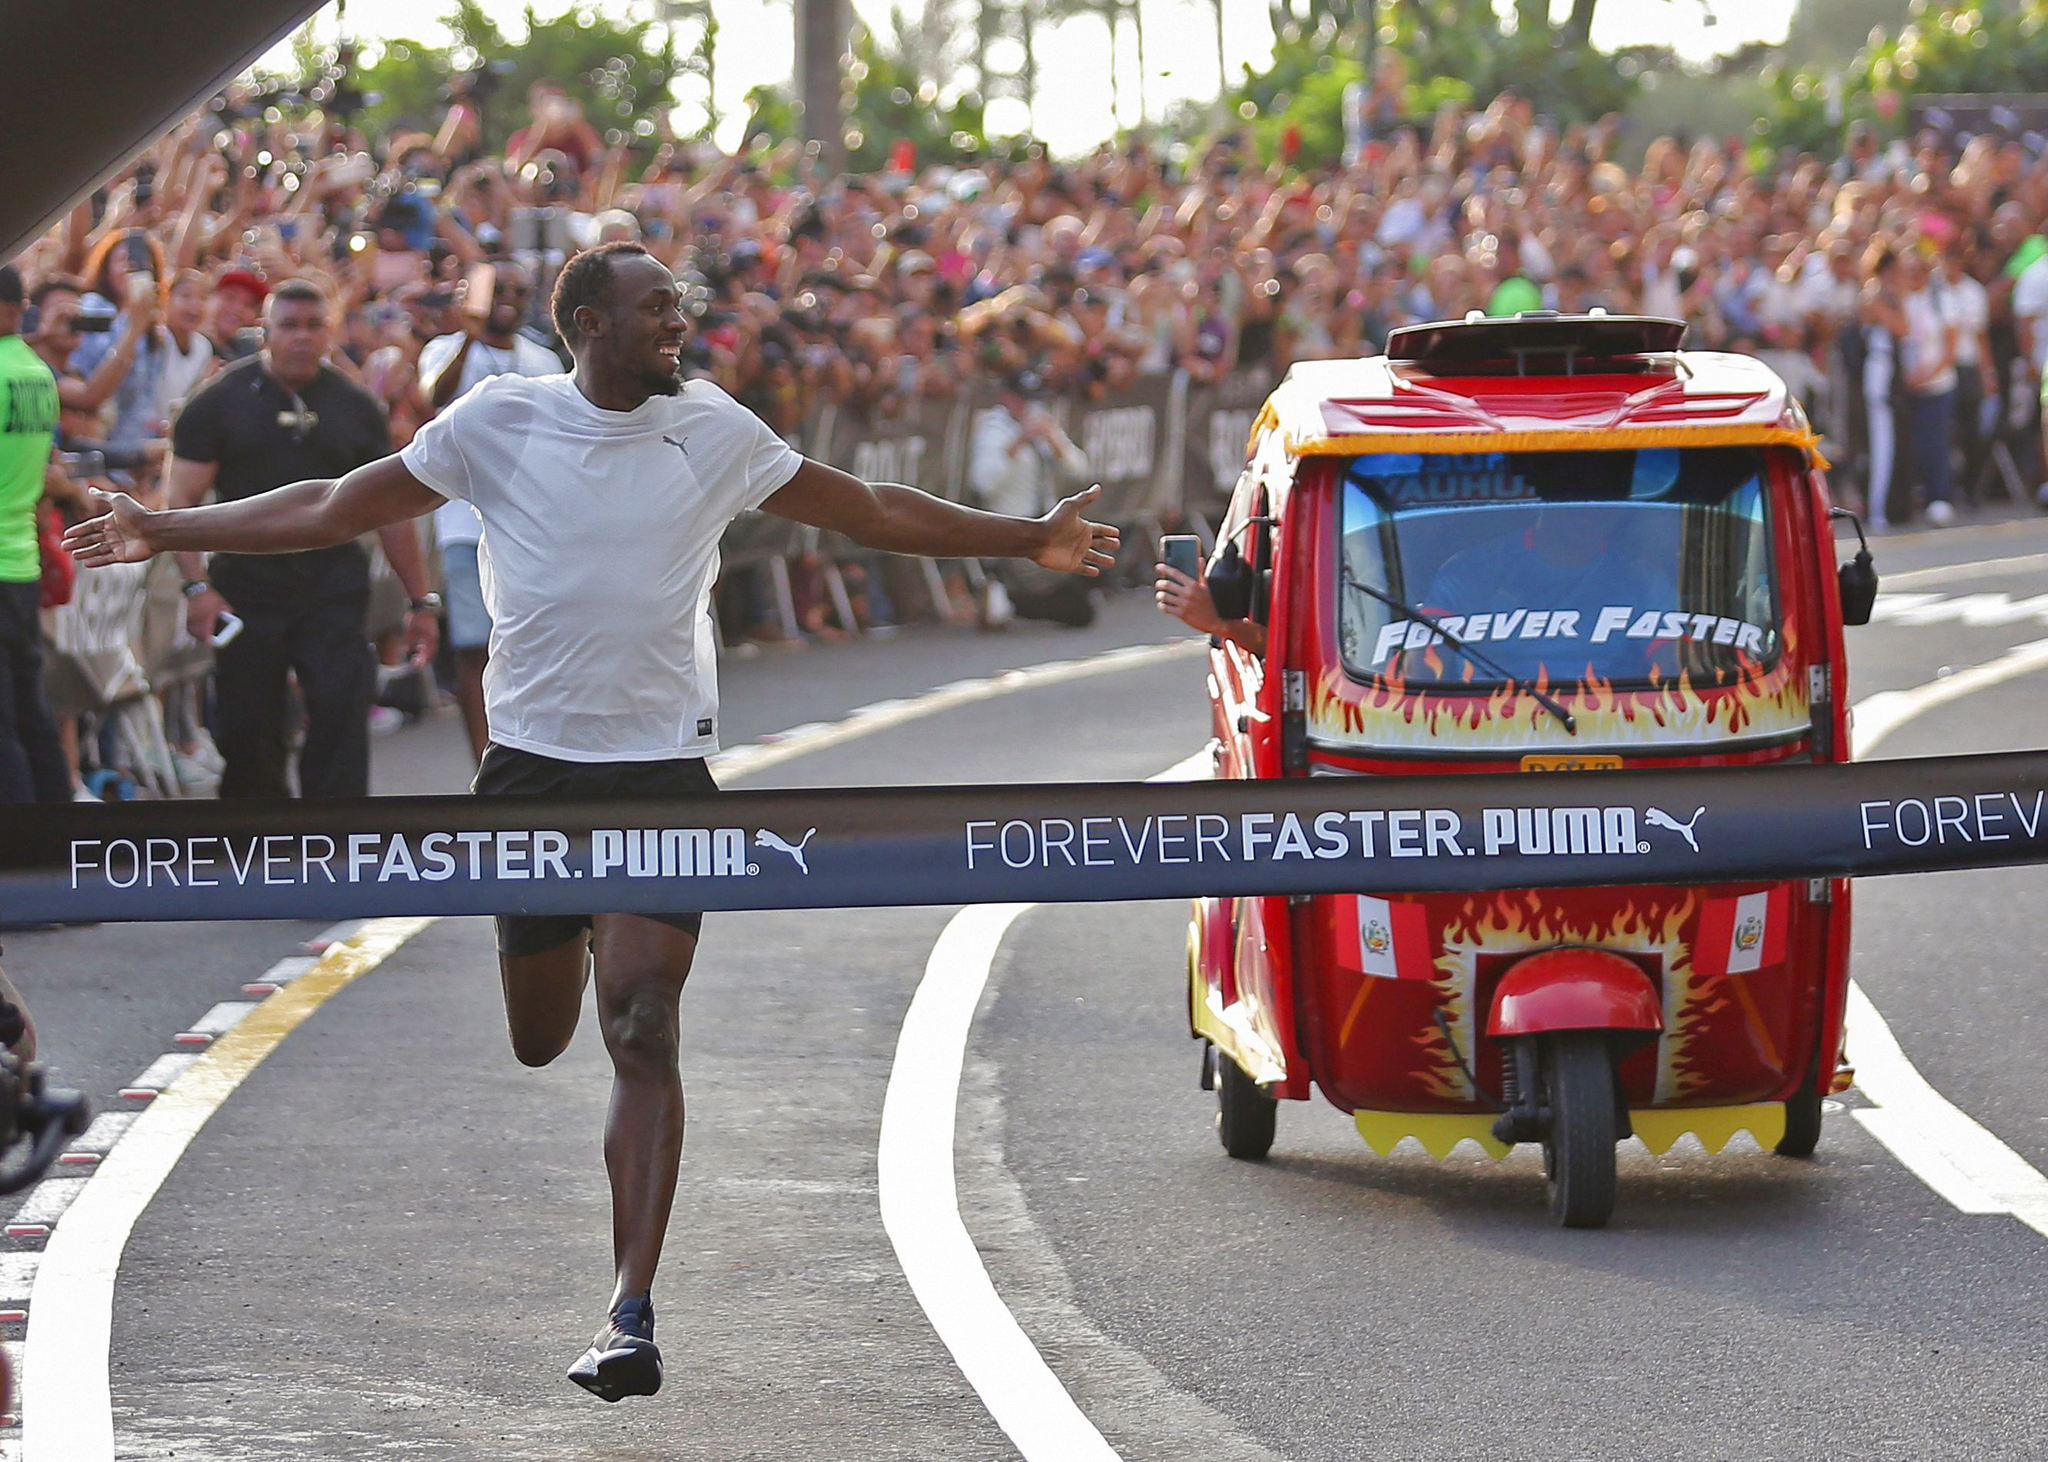 우사인 볼트가 2일(현지시간) 페루 리마에서 열린 '모토 택시'와의 50m 경주에서 결승선을 통과하고 있다.[AFP=연합뉴스]